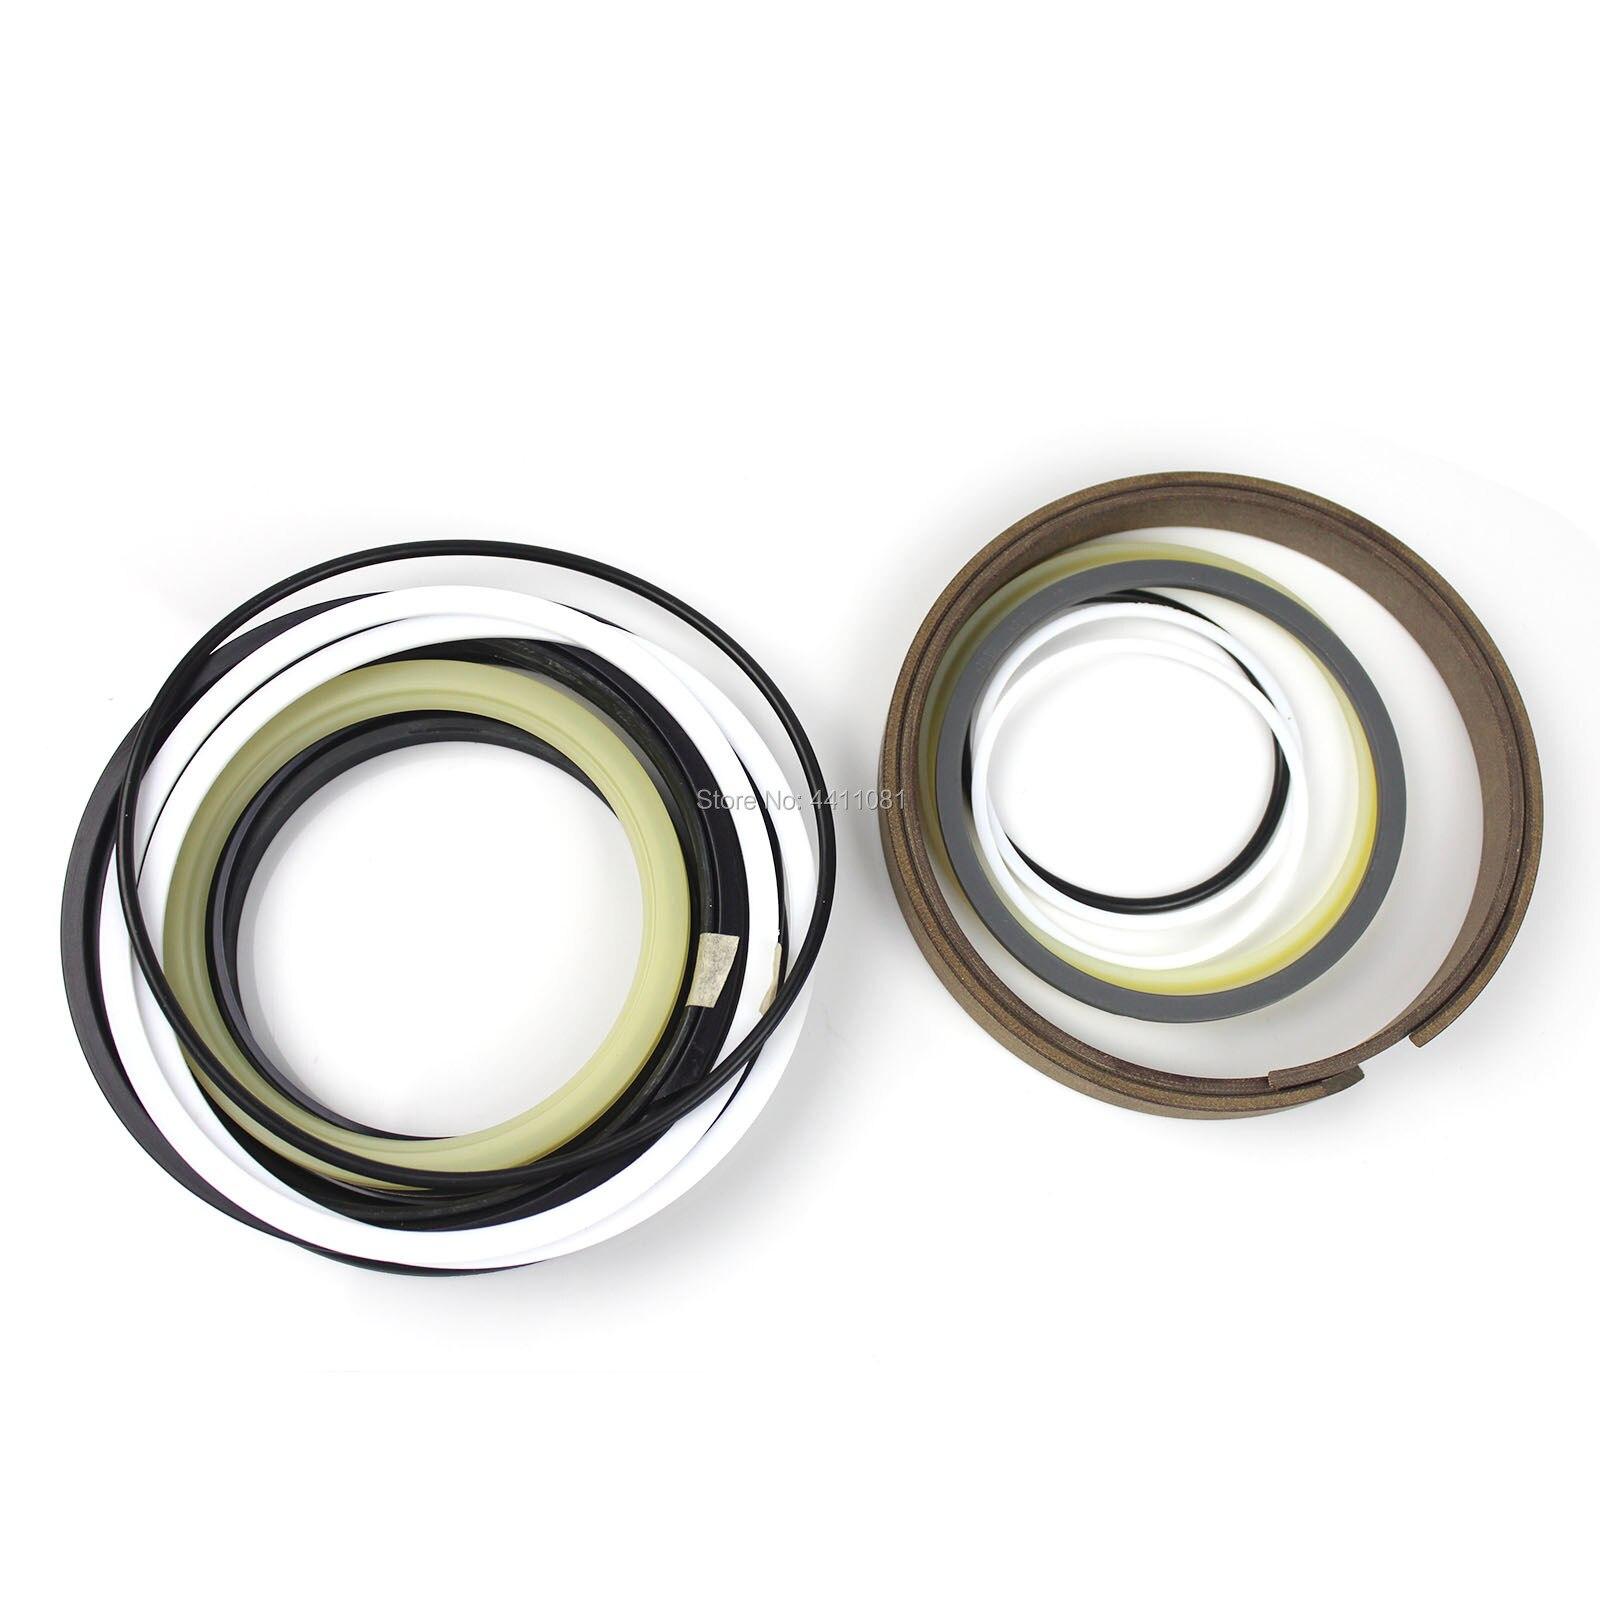 For Kobelco SK60-5 Bucket Cylinder Seal Repair Service Kit YR01V00003R300 Excavator Oil Seals, 3 month warranty solenoid valve skc5 g24 106 1 for kobelco excavator sk60 5